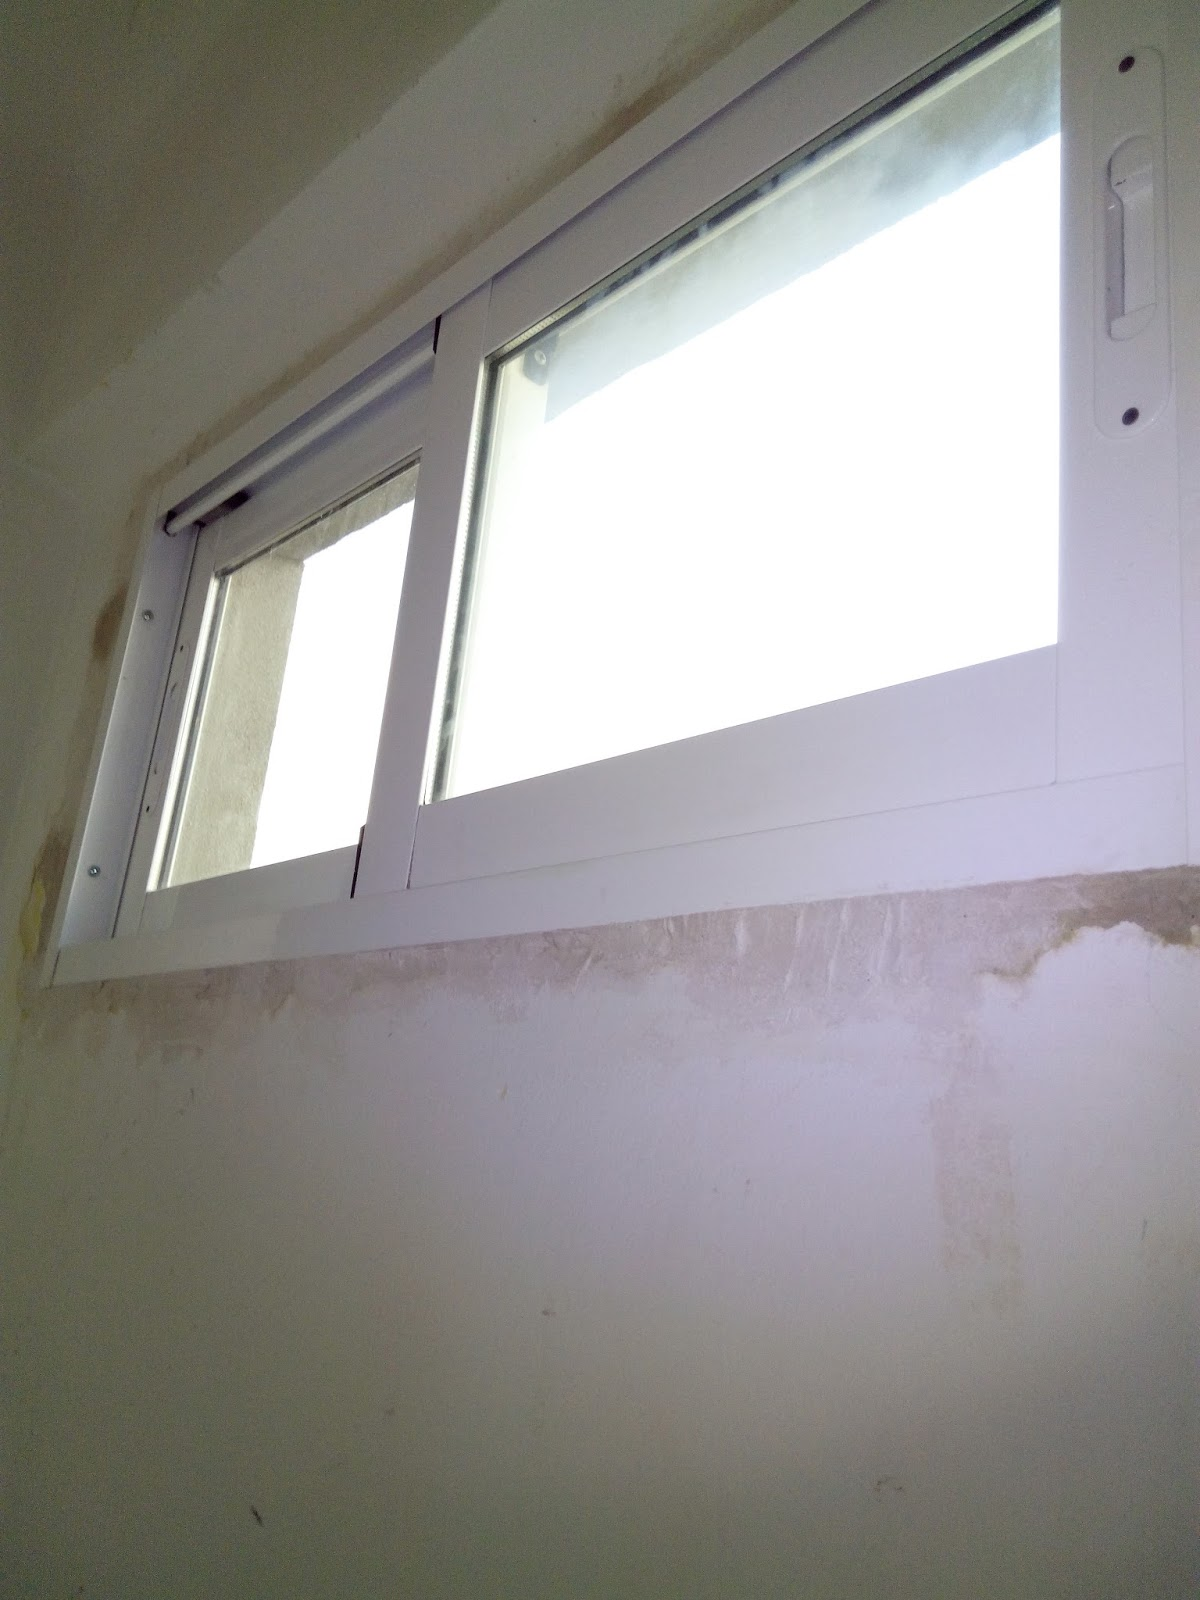 Eltallerdecarlos instalar ventana de aluminio 1 colocar - Instalar ventana aluminio ...